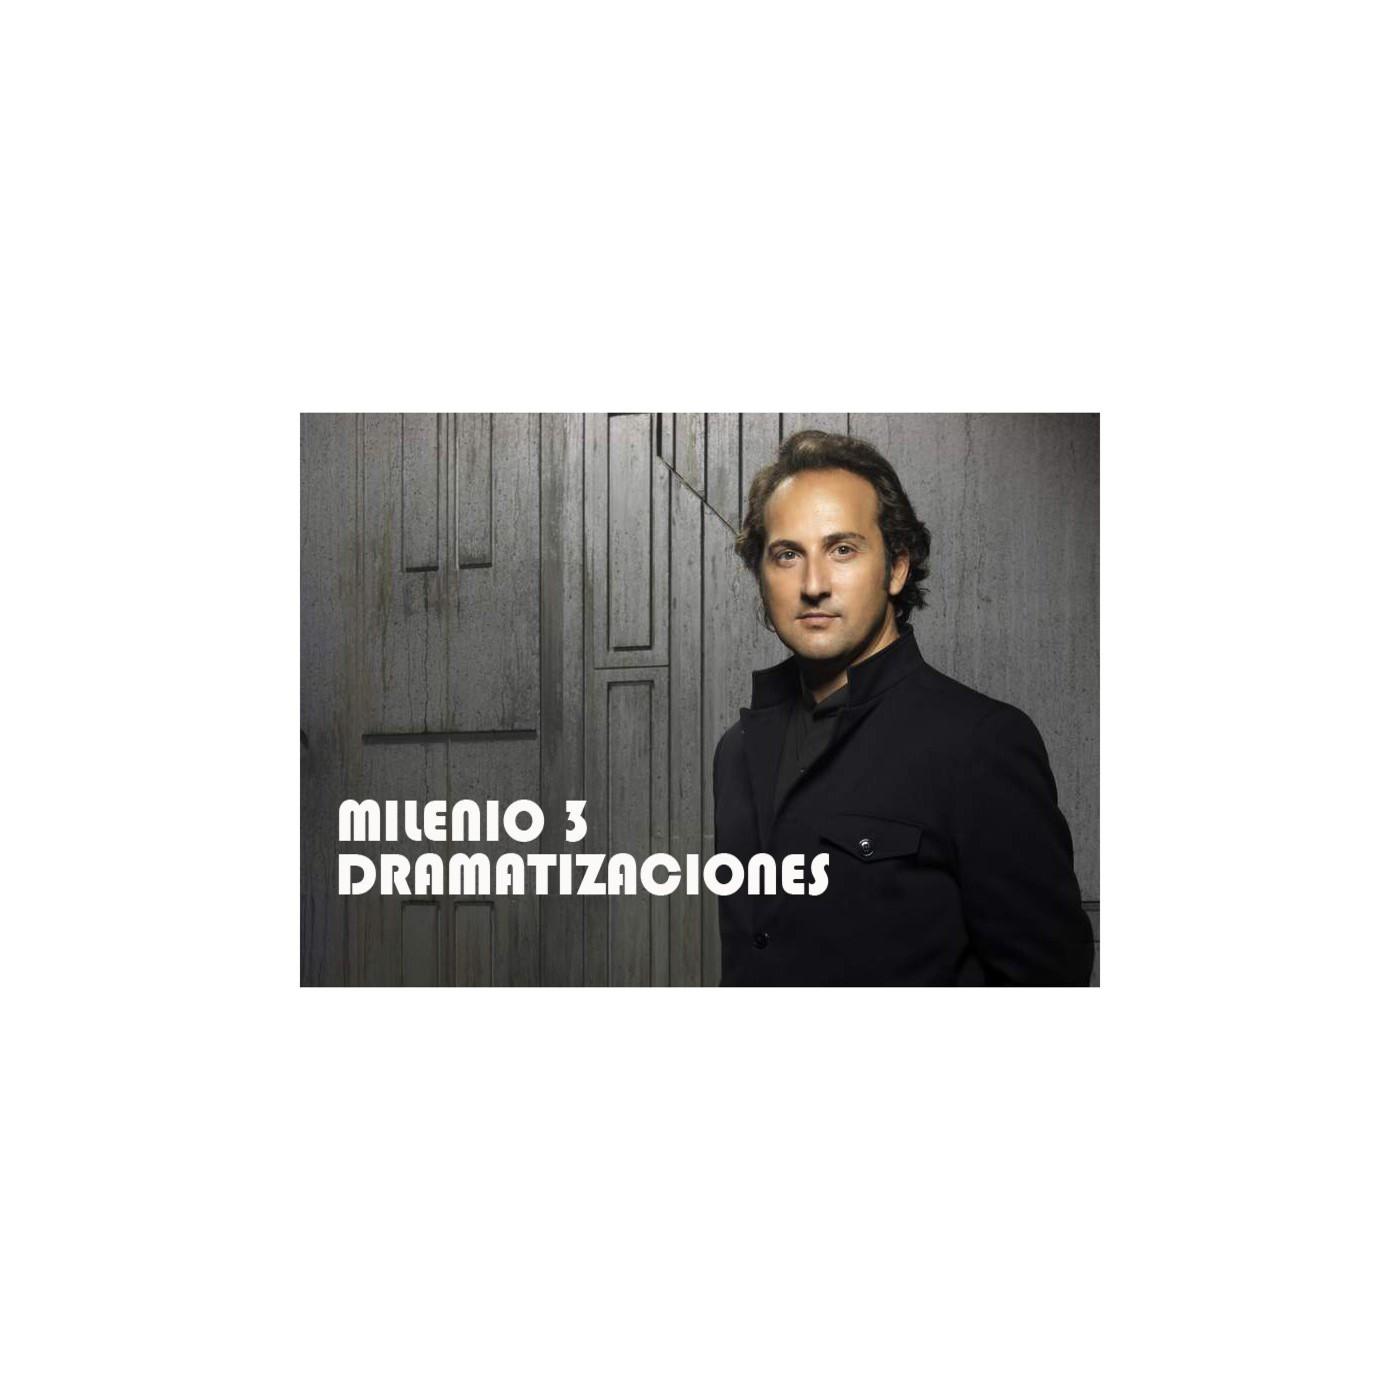 Escucha MILENIO 3 - DRAMATIZACIONES - iVoox